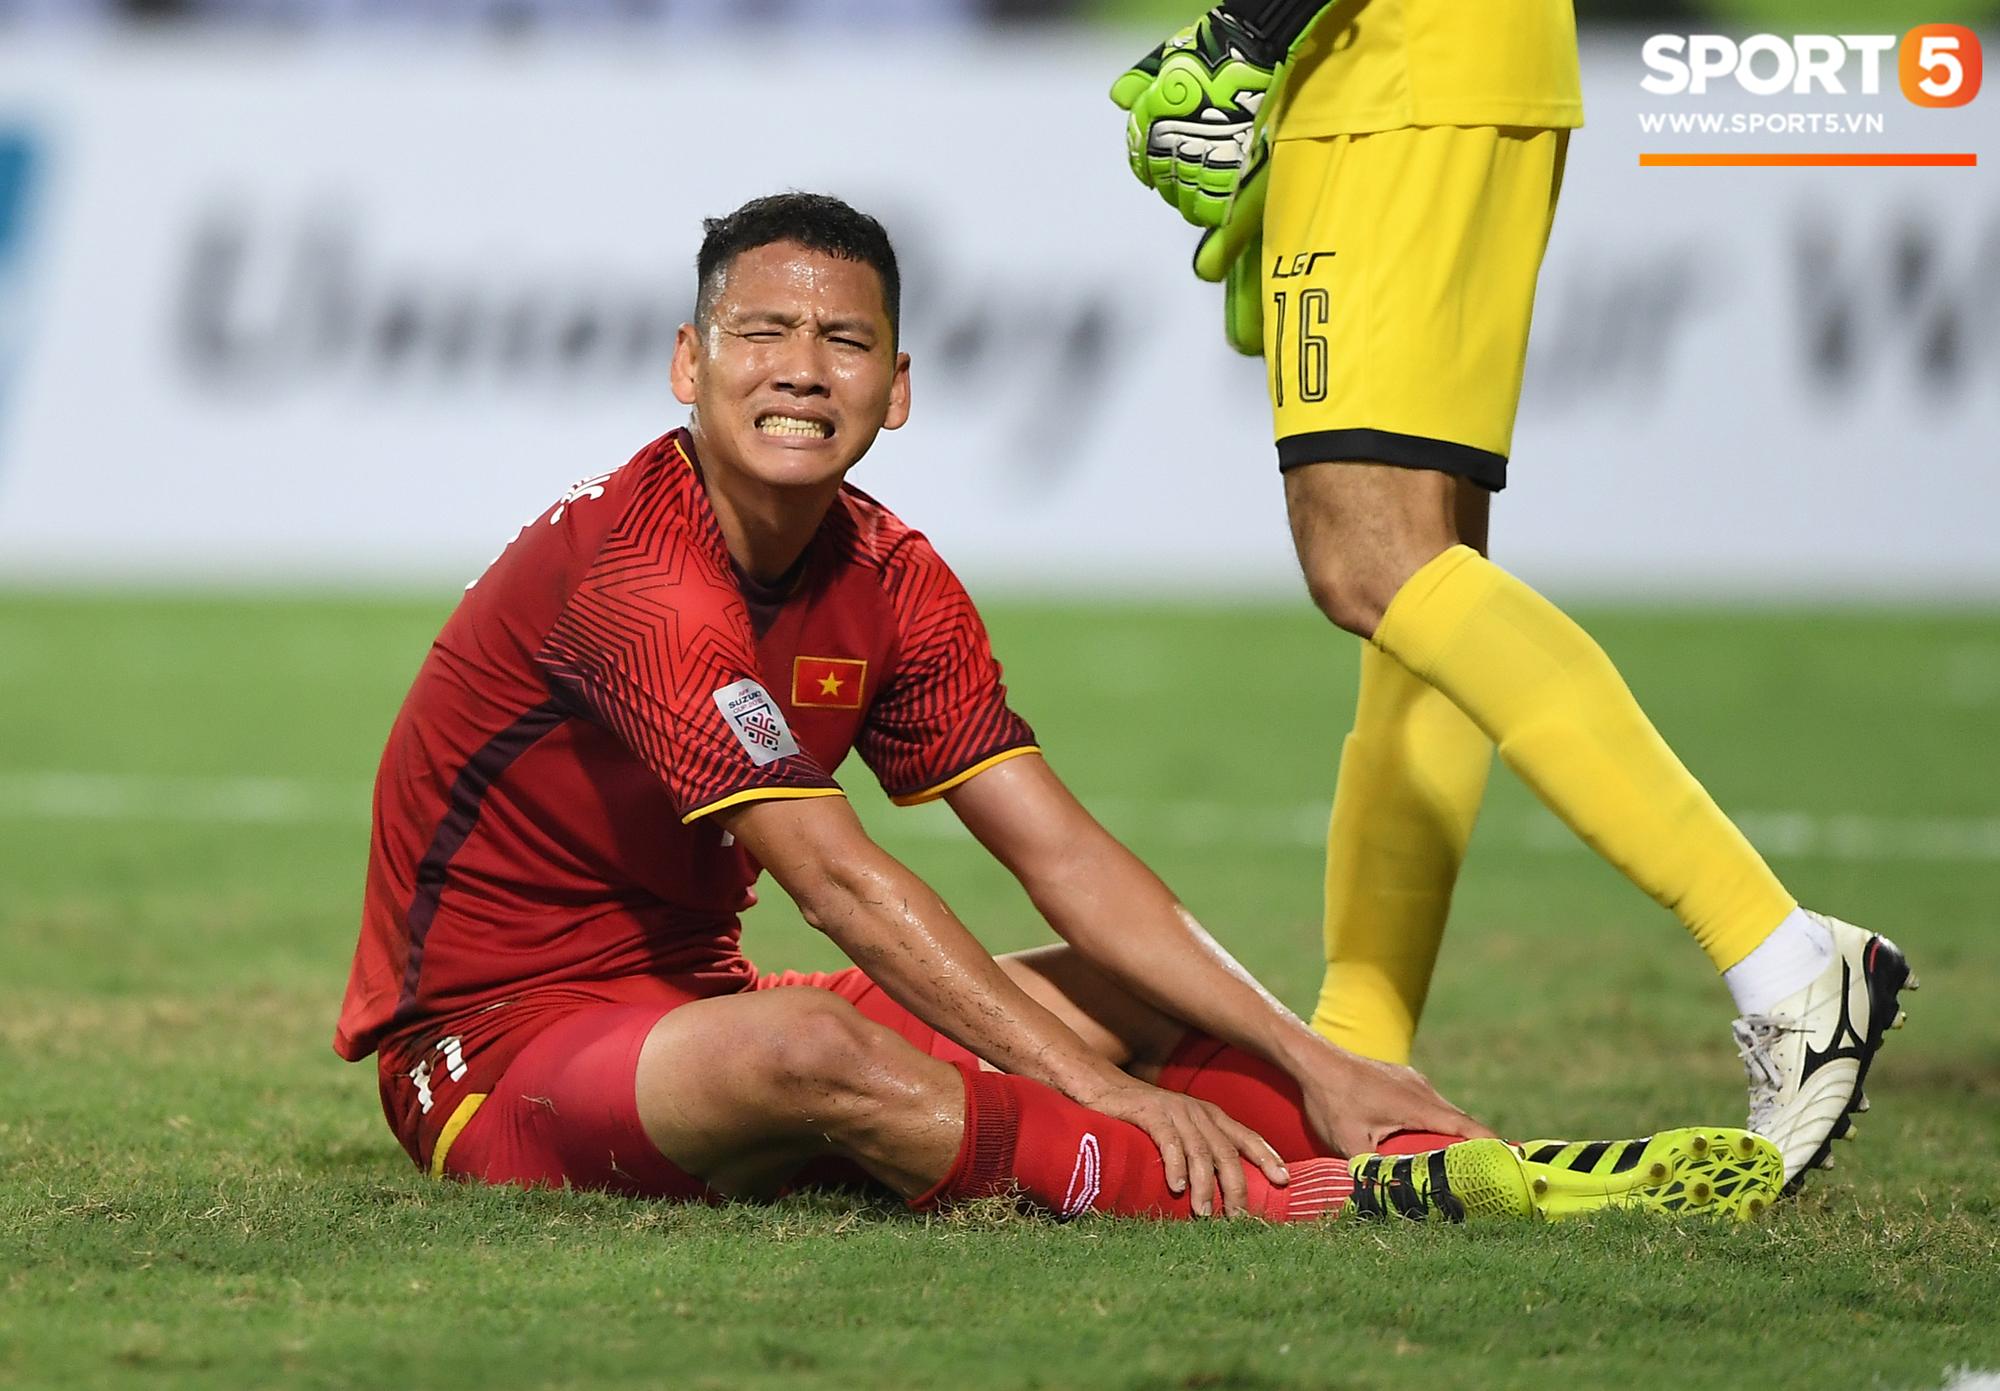 Báo Châu Á: Không gọi Anh Đức và Văn Quyết, Việt Nam định buông Asian Cup? - Ảnh 1.